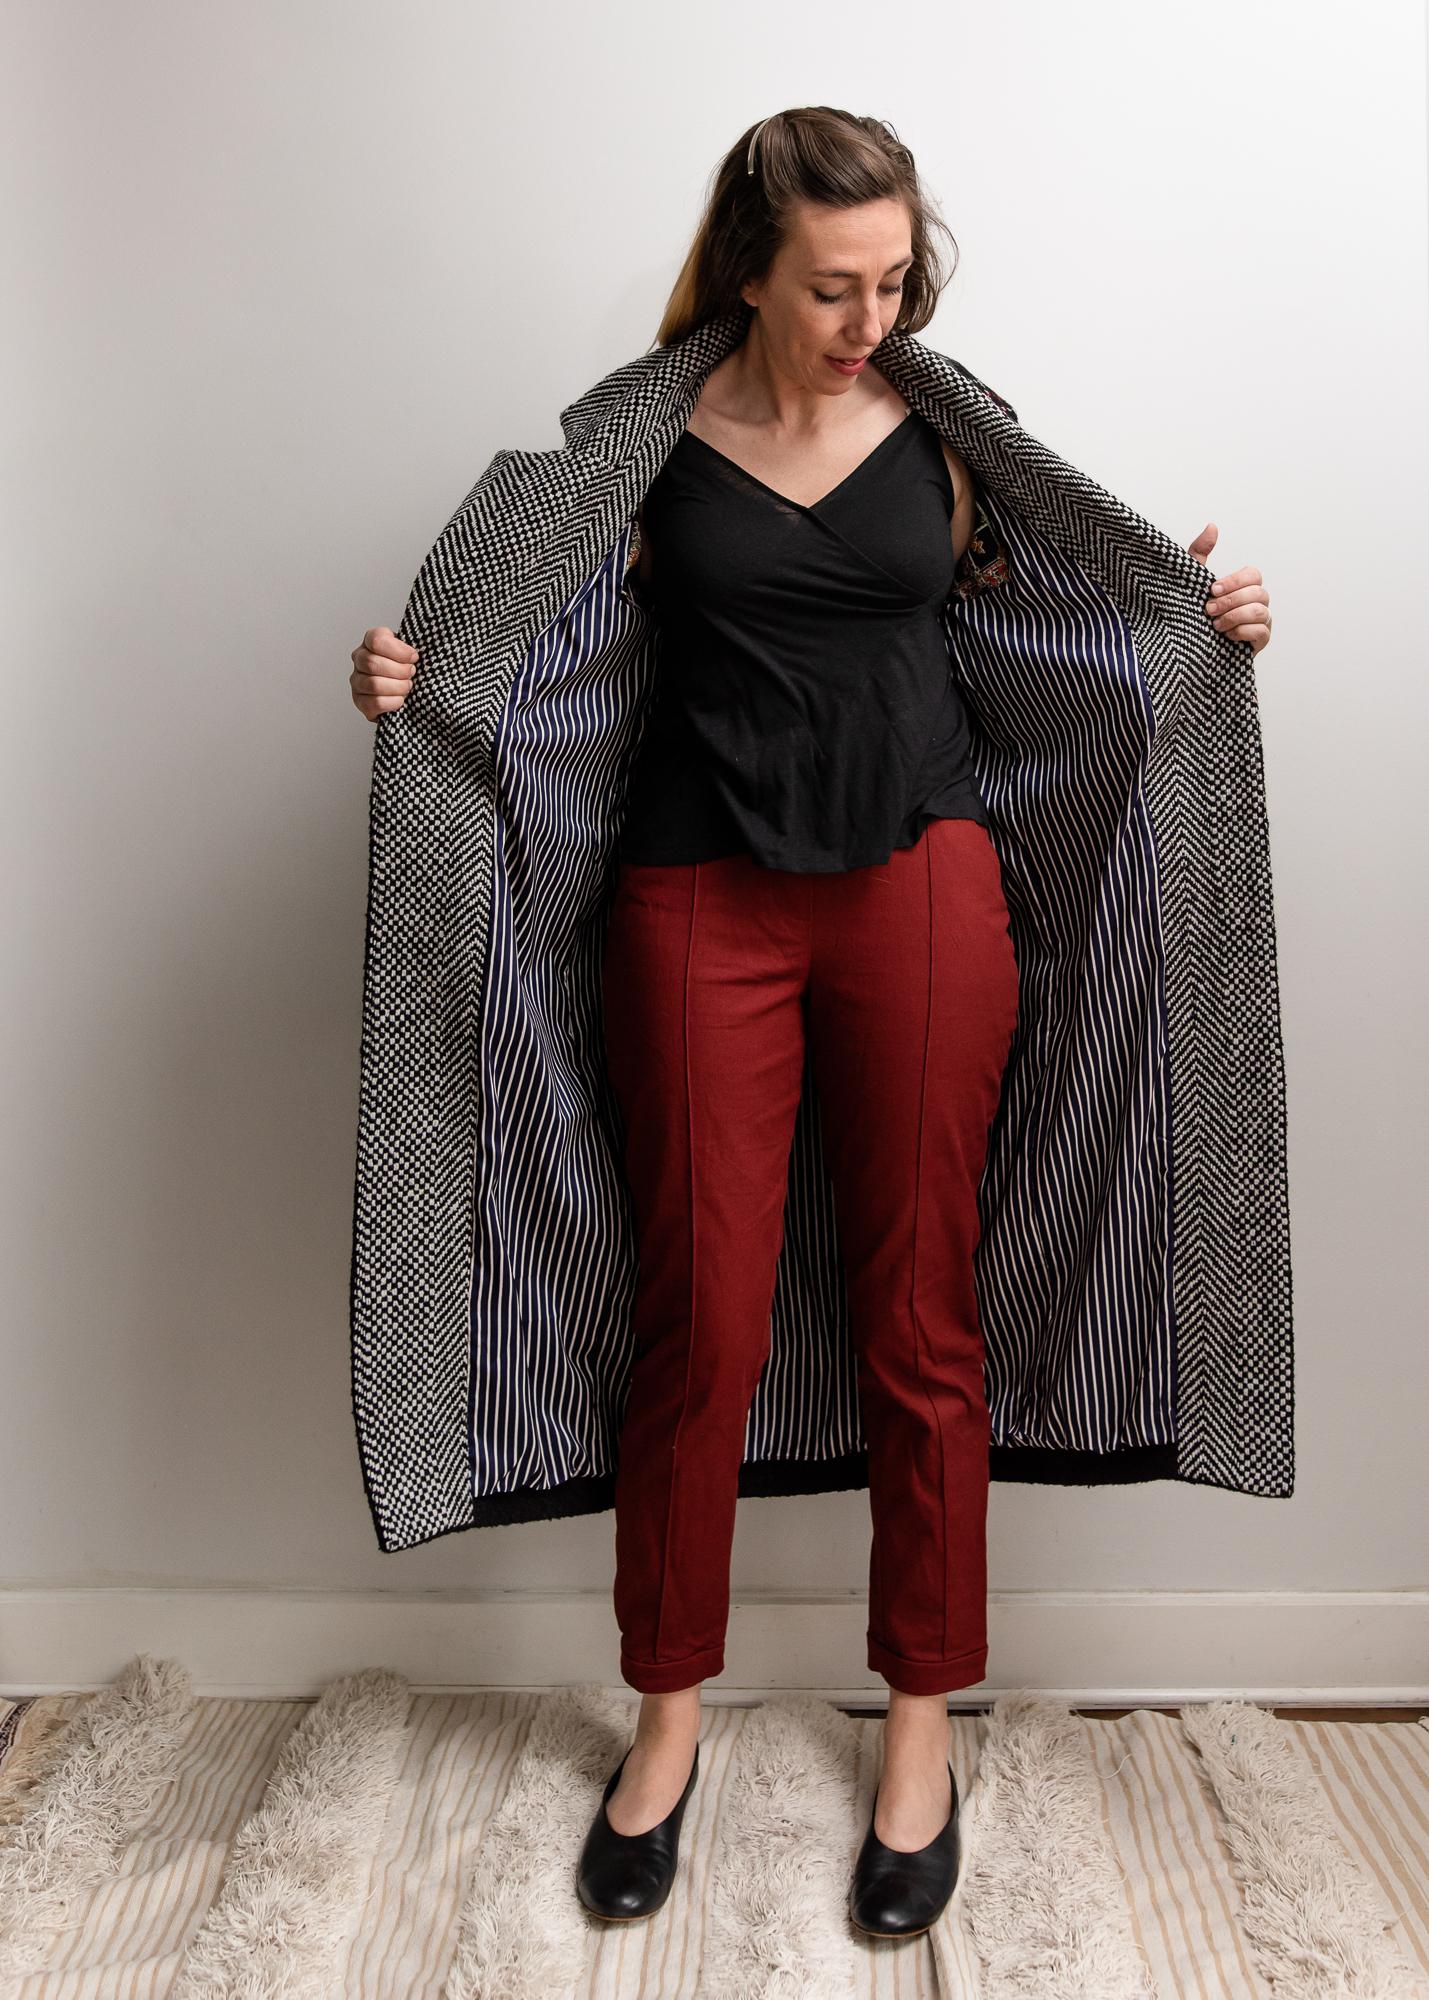 Surtout-Pdf-Sewing-Pattern-Coat-DIY14.jpg